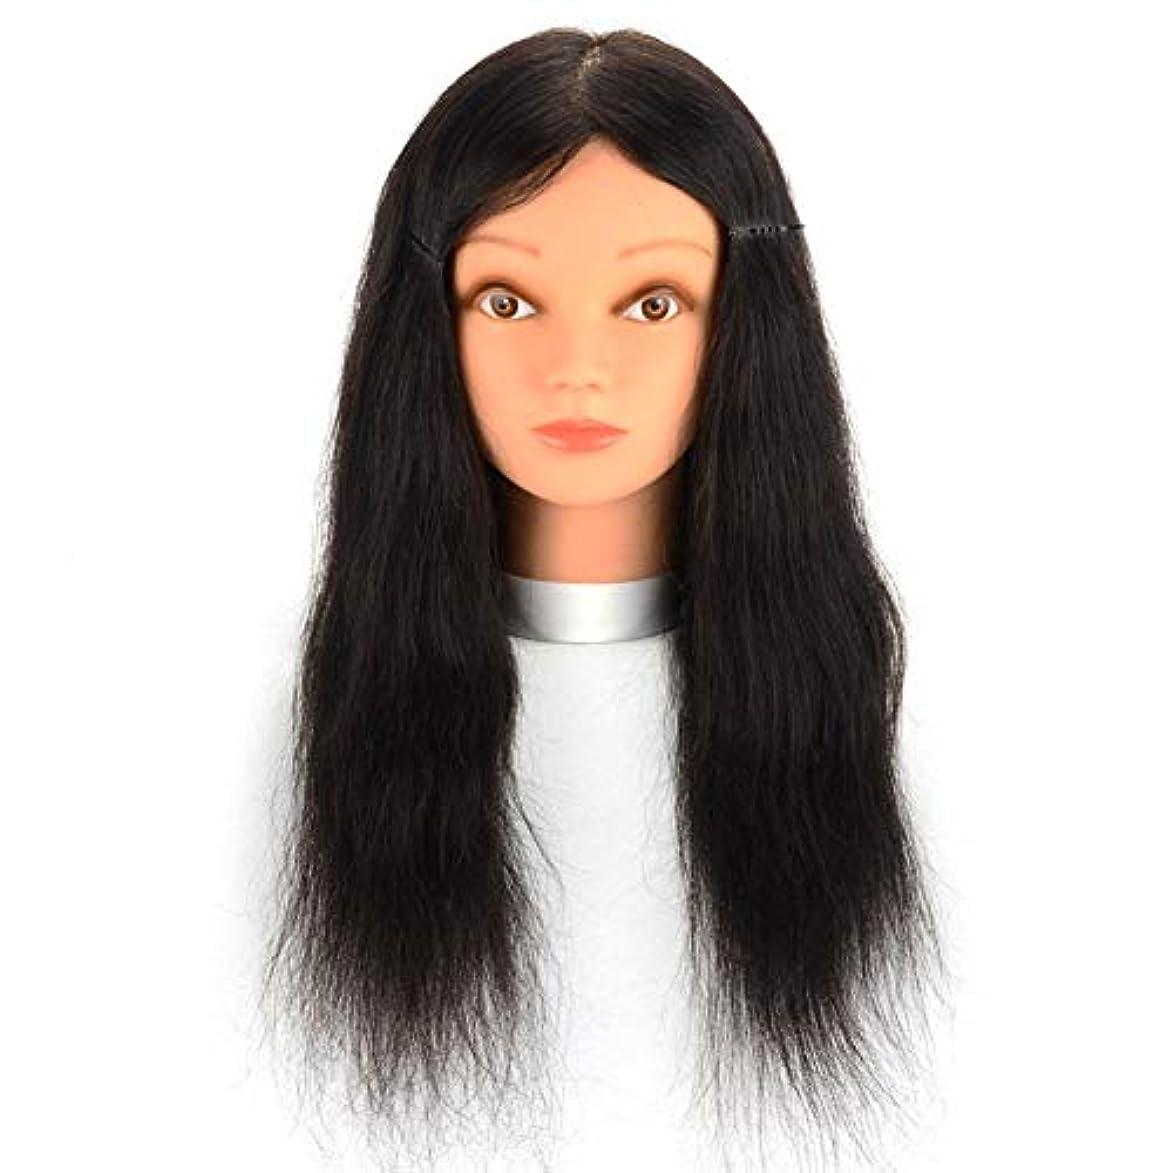 ピンミス韓国リアルヘアマネキンヘッド理髪店パーマ髪染色練習かつらヘッドモデルメイクアップヘアカット練習ダミーヘッド,16inches